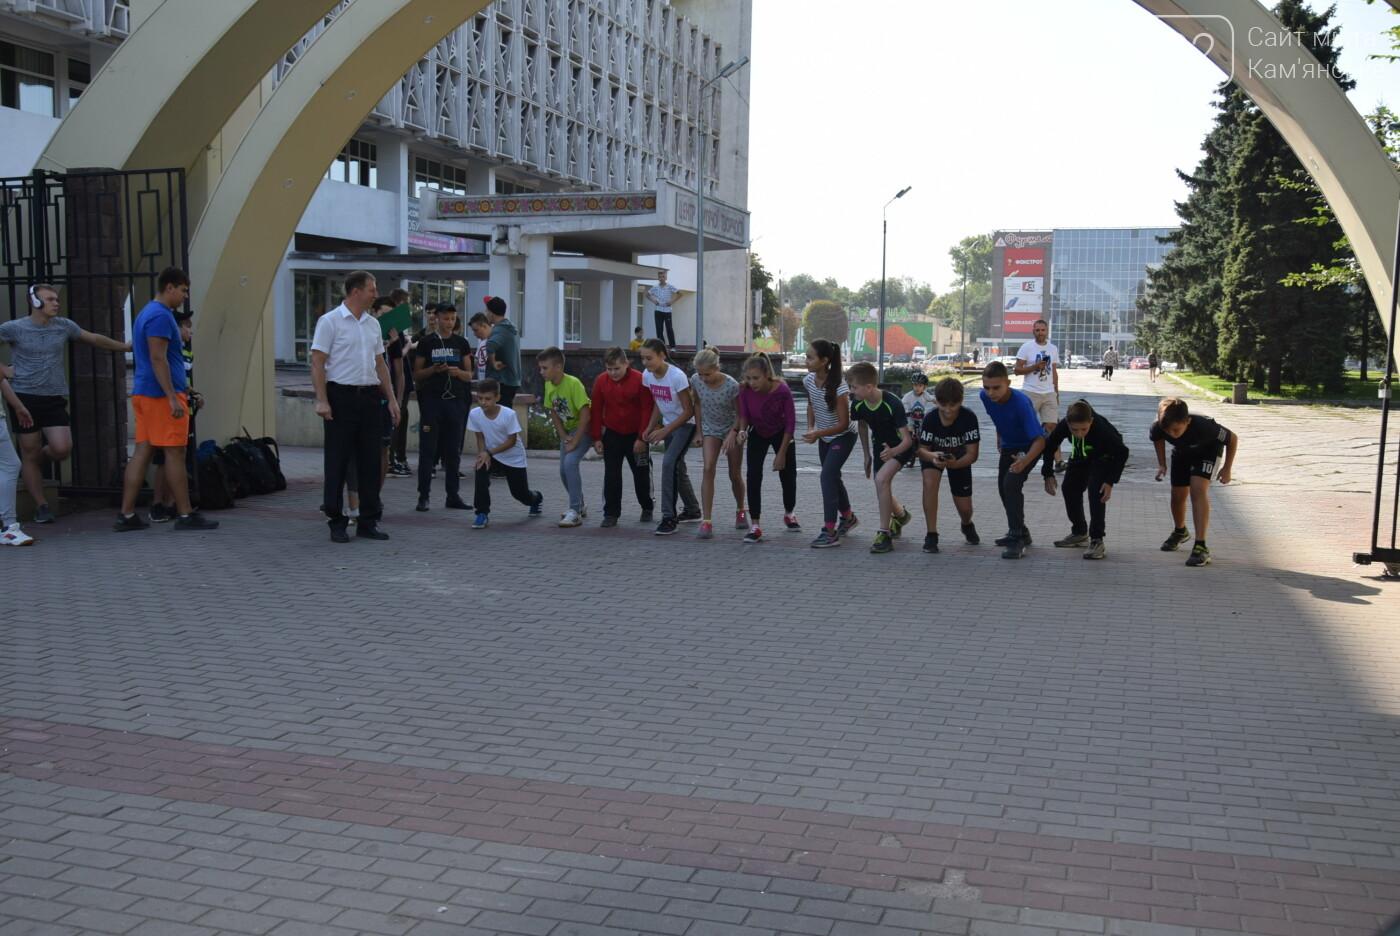 Ко Дню физкультуры и спорта: в Центральном парке Каменского соревновались школьники, фото-1